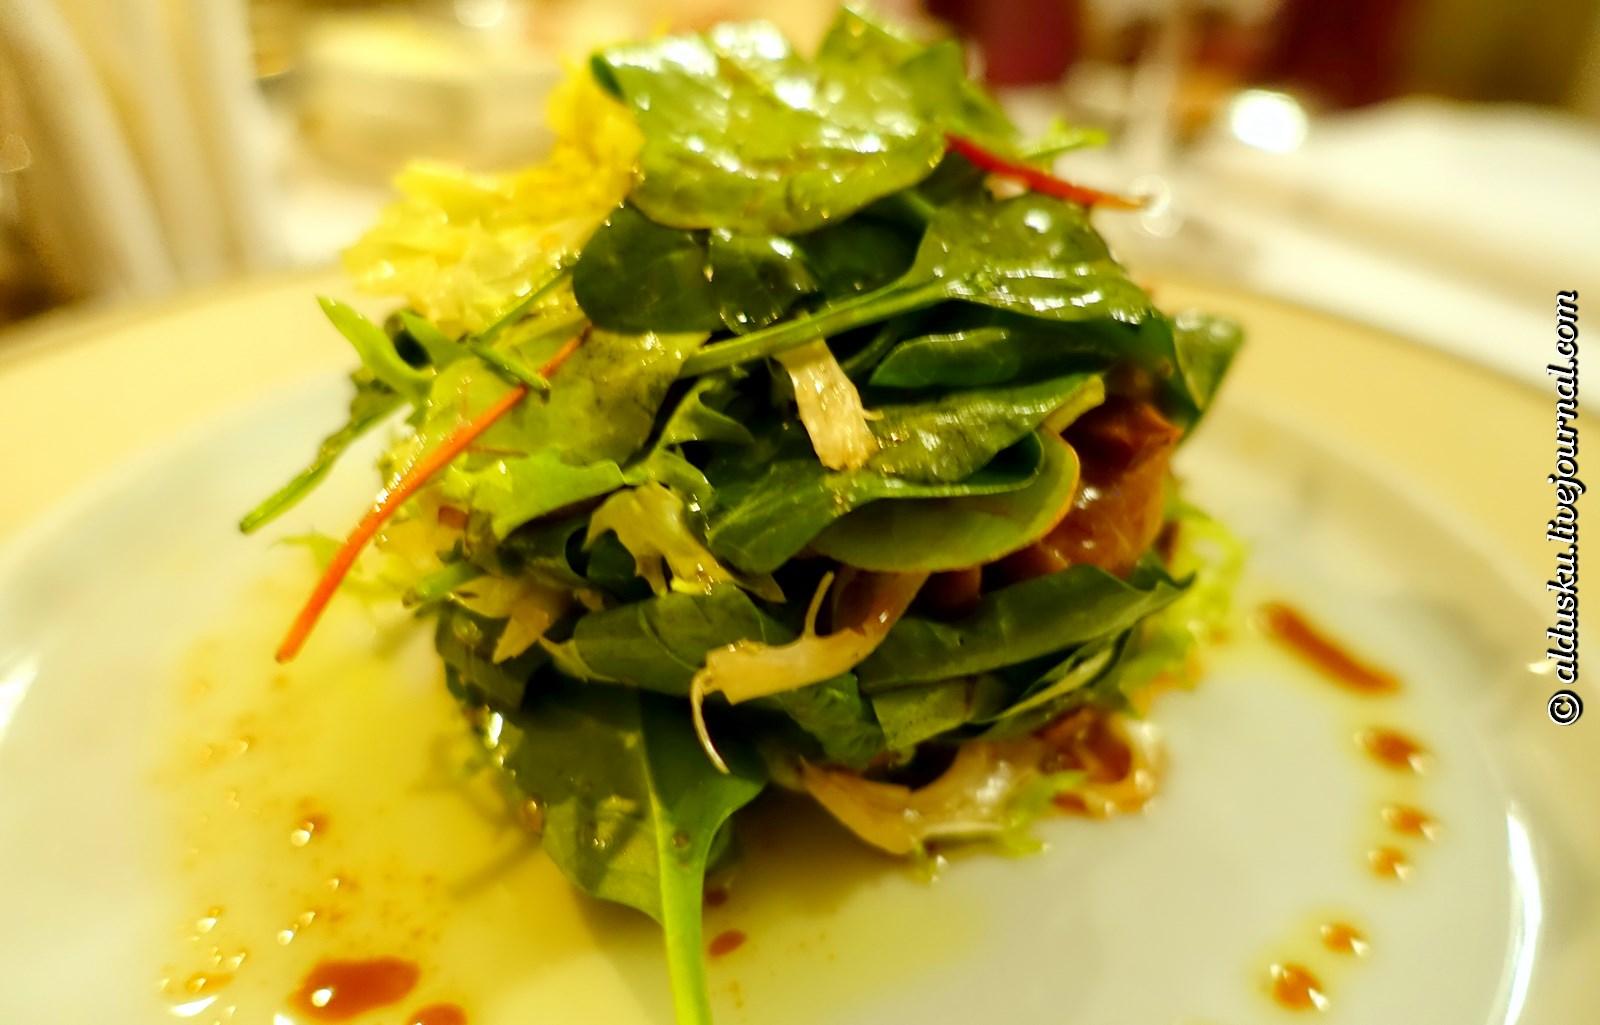 Салат из телячьей вырезки с сезонными грибами и листьями салатов, заправляется пряным шафрановым дрессингом с петрушкой, усеивается усами гороха